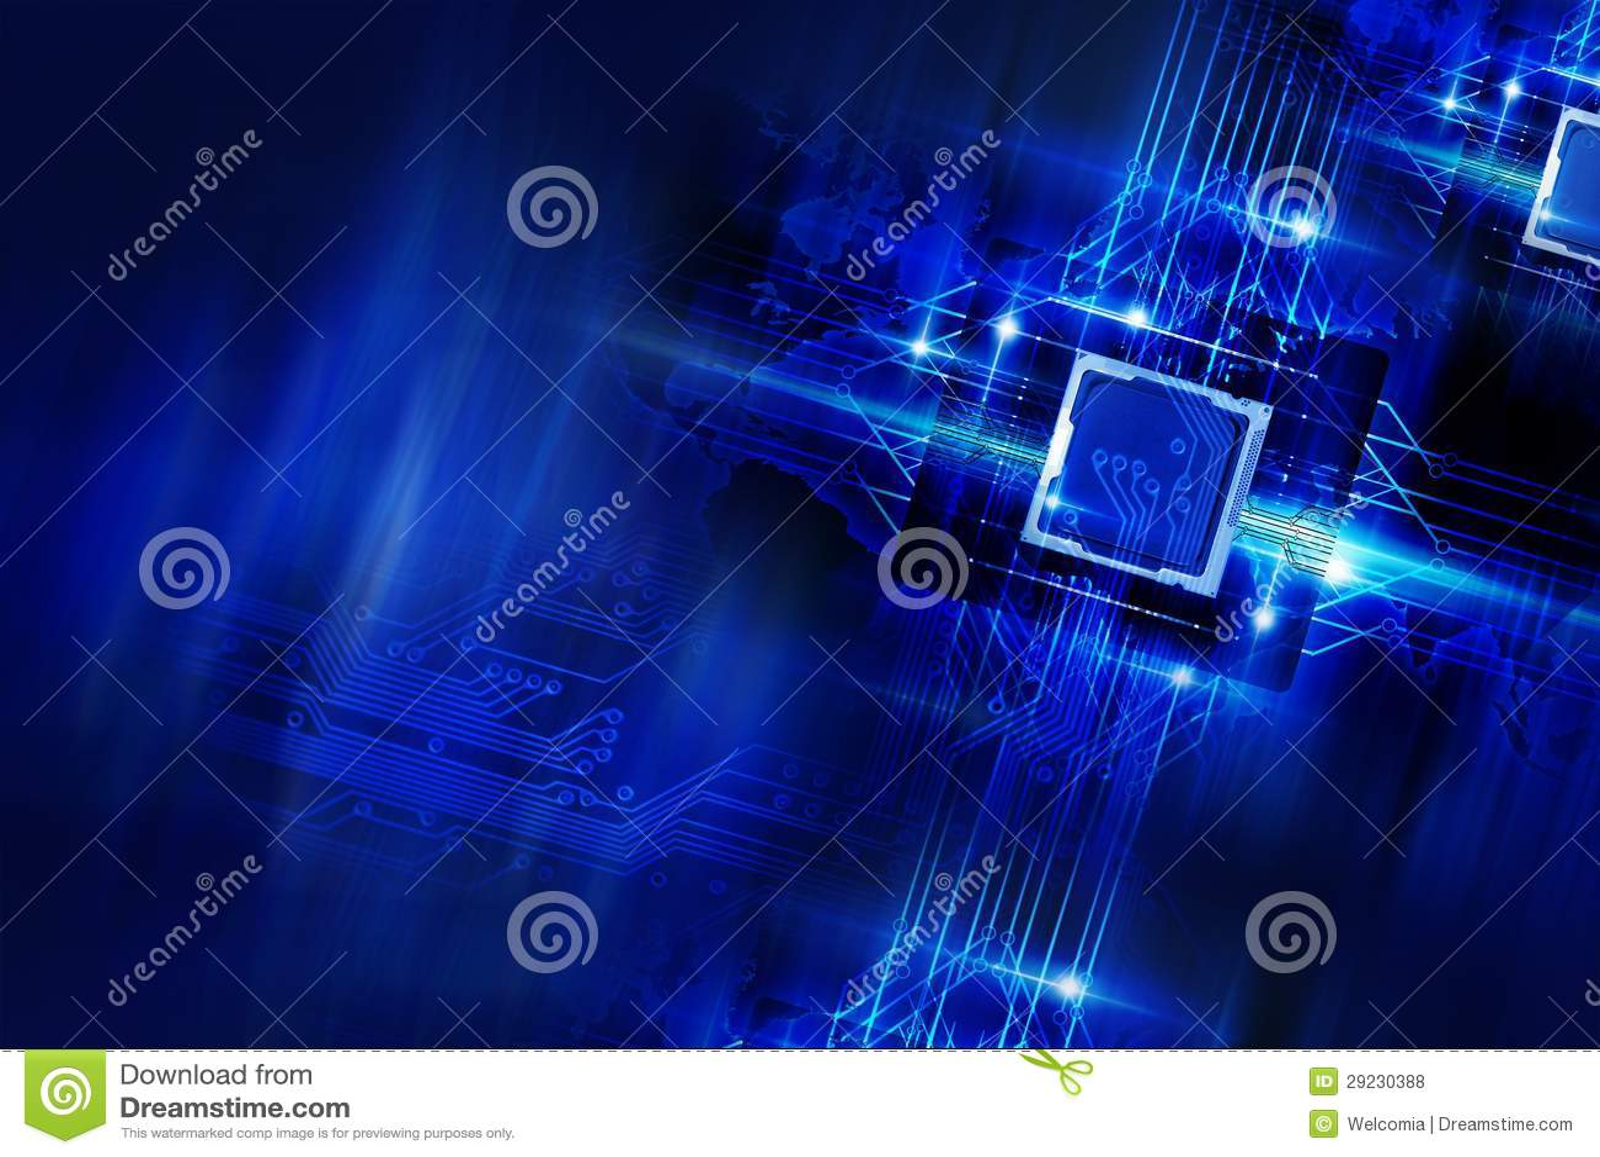 Download Tecnologia Nano foto de stock. Imagem de elétrico, eletrônico - 29230388